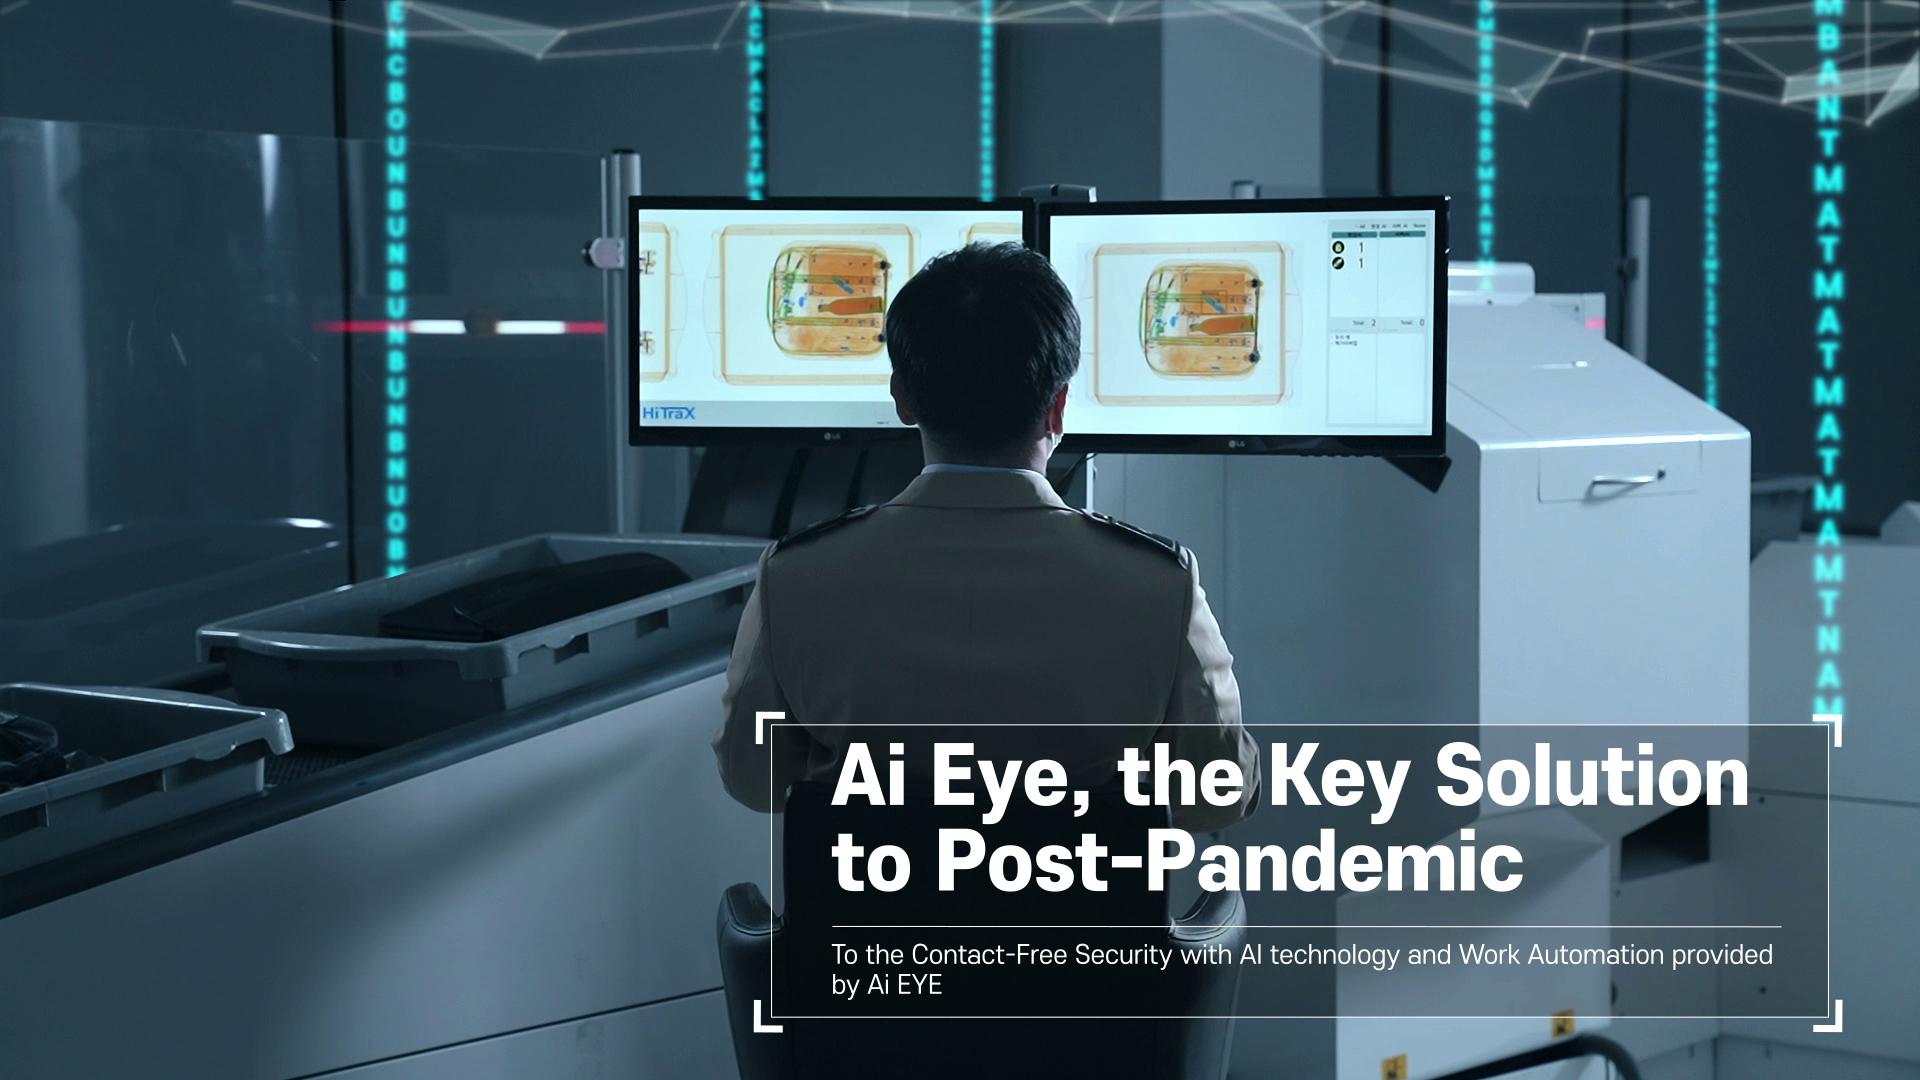 소프트온넷, 인천공항에 '인공지능 X-Ray 보안 검색 자동 판독 시스템' 도입